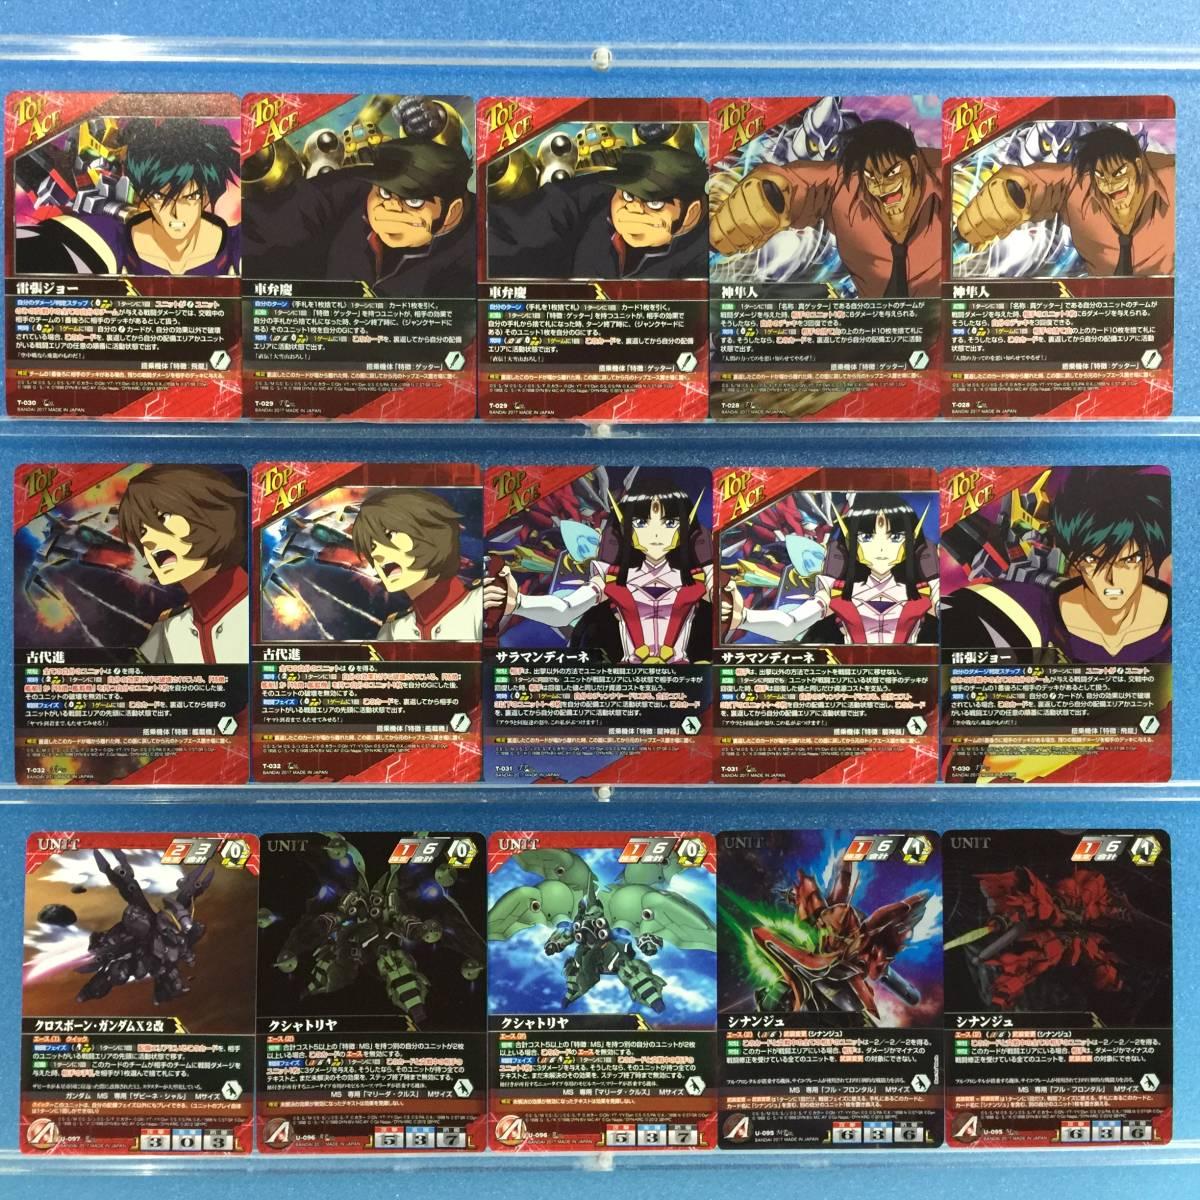 【Crusade】スーパーロボット大戦Vクルセイド 第2弾 ~果て無き激戦~(SRW-CB02) フルコンプ167枚 (全113種+パラレル54種)_画像6